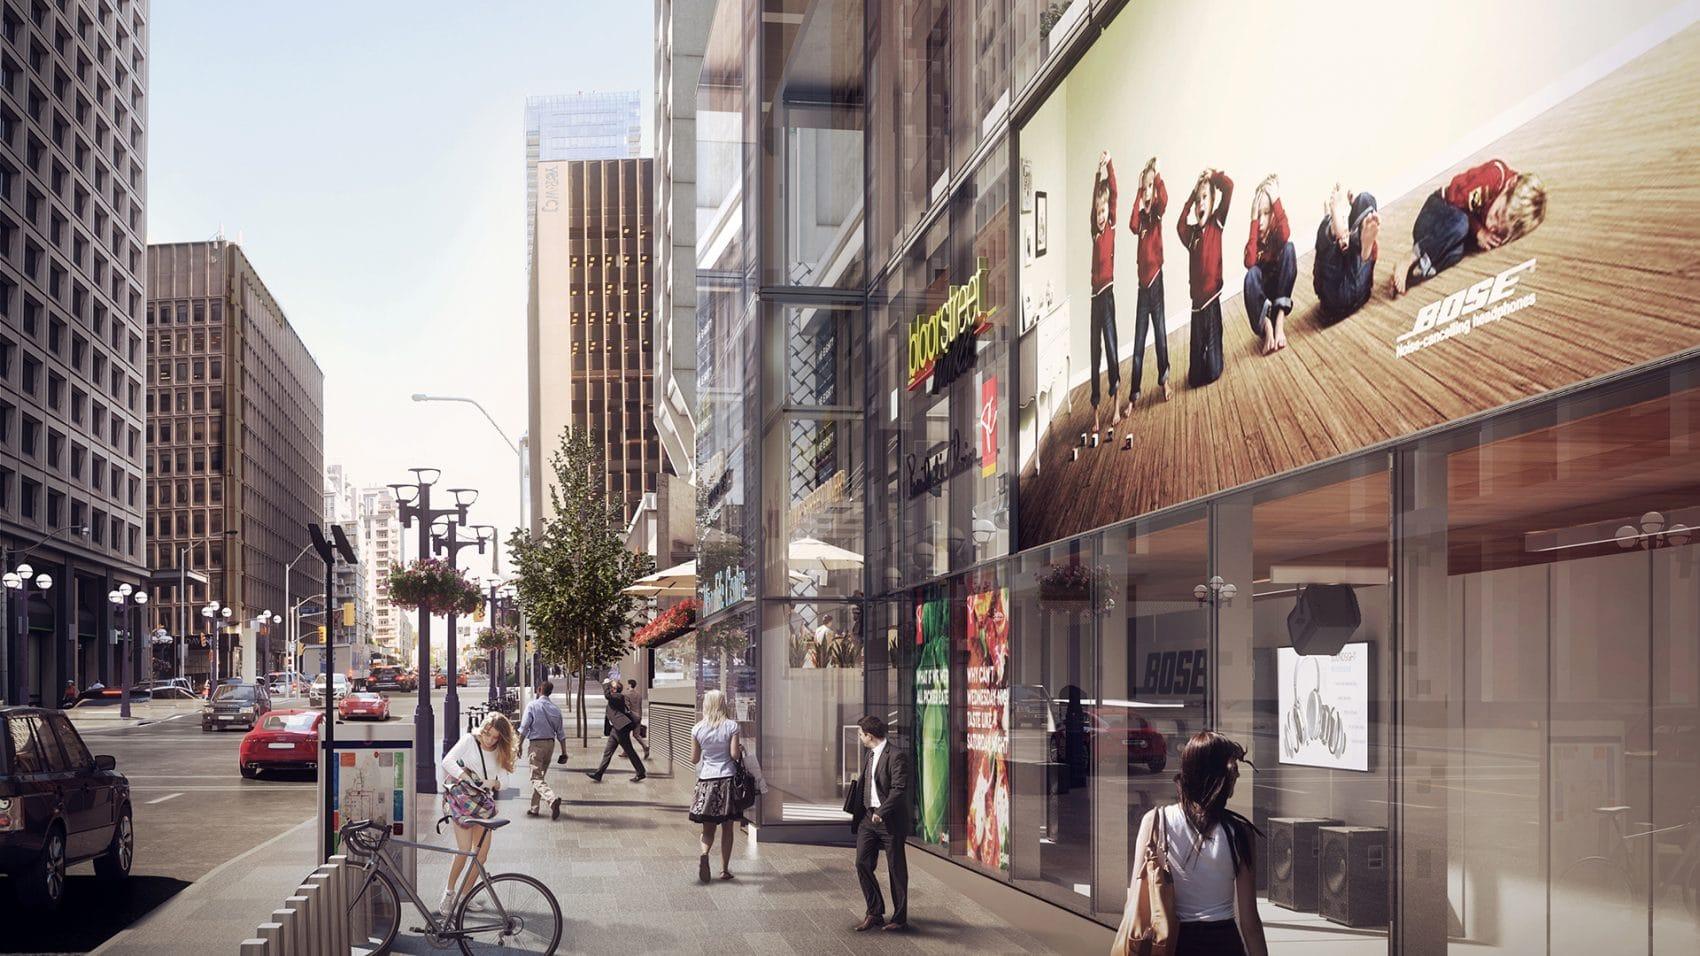 55 bloor street real-estate development